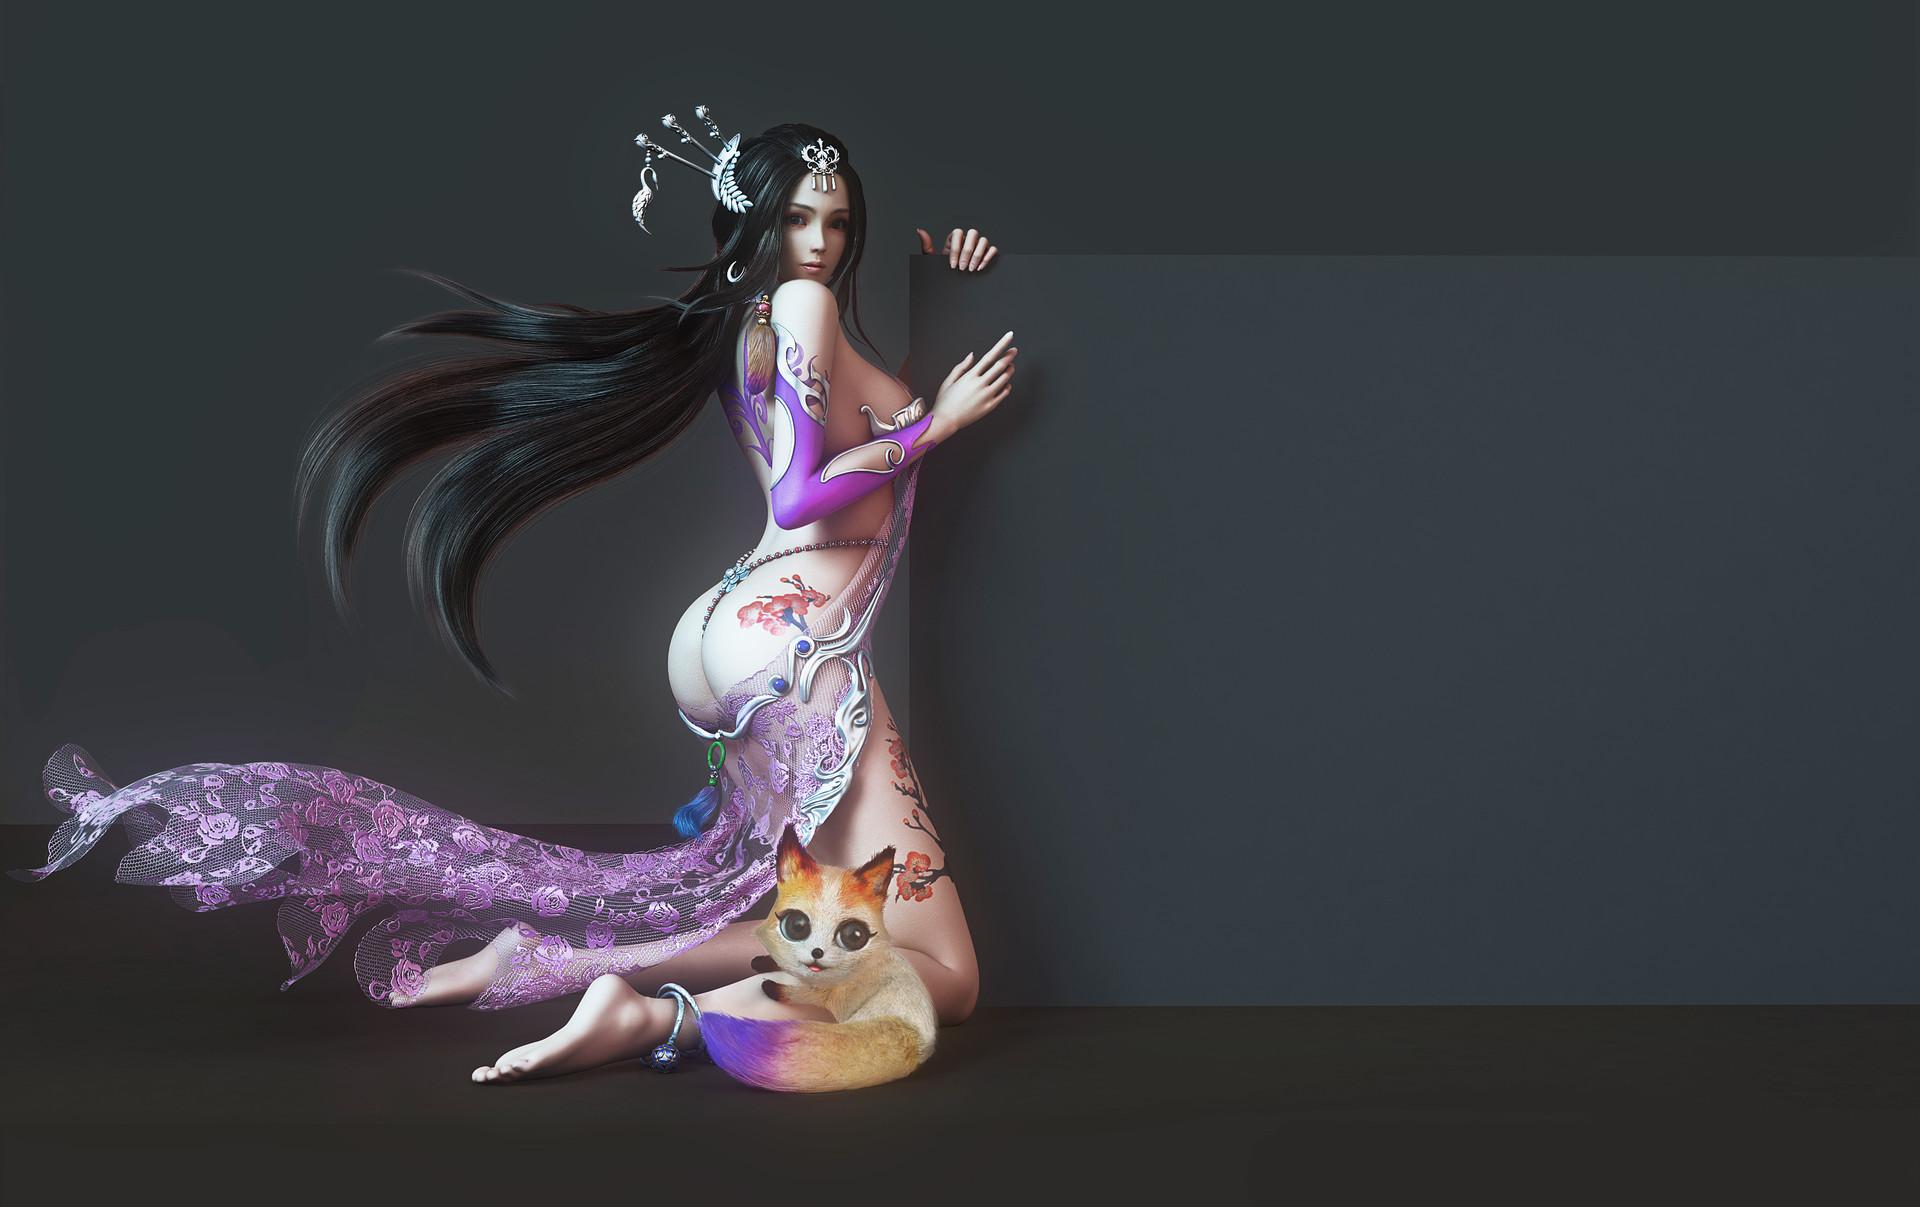 Top 5 Beautiful 3d Art Yonglin Yao Zbrushtuts